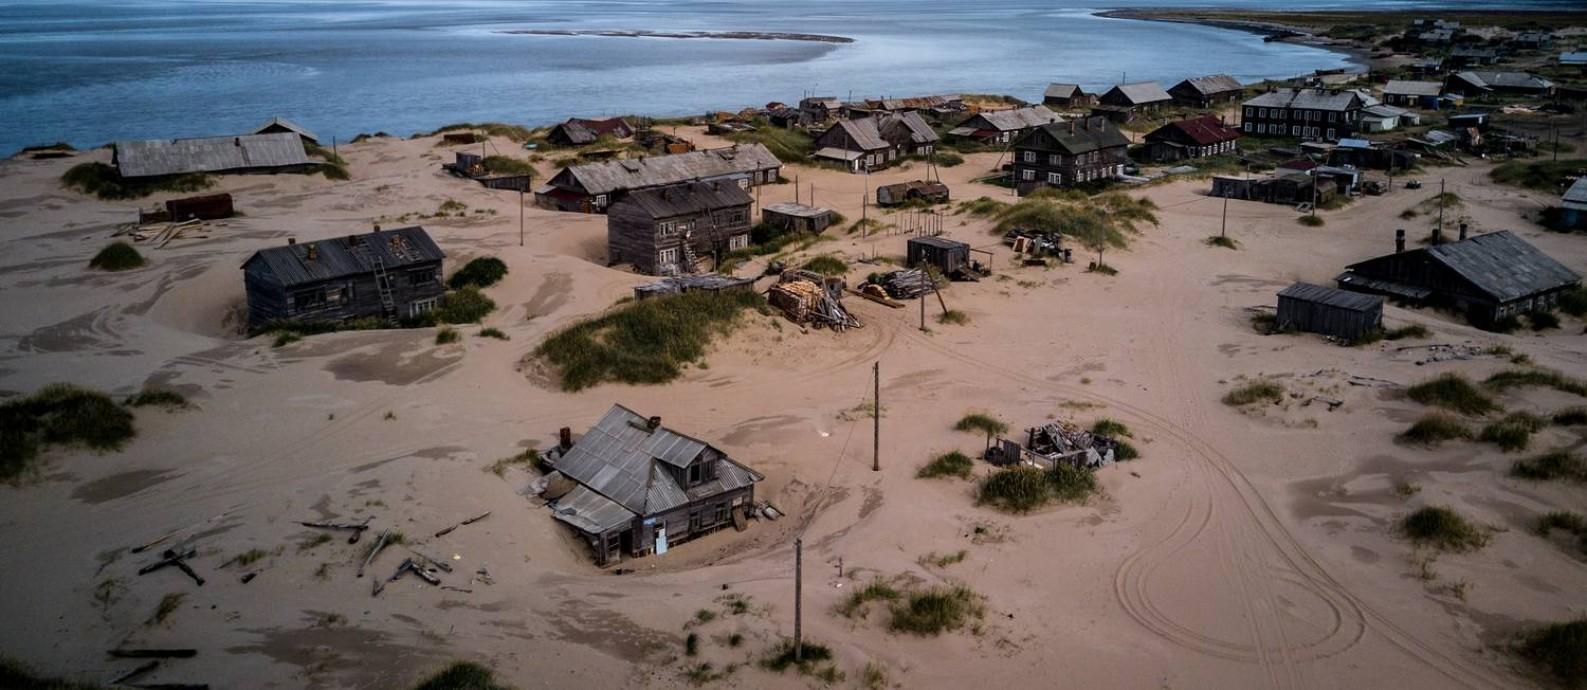 Avanço. A areia cobriu as ruas de Shoyna, aldeia russa no Ártico; pelo menos 20 construções já desapareceram Foto: SERGEY PONOMAREV / NYT